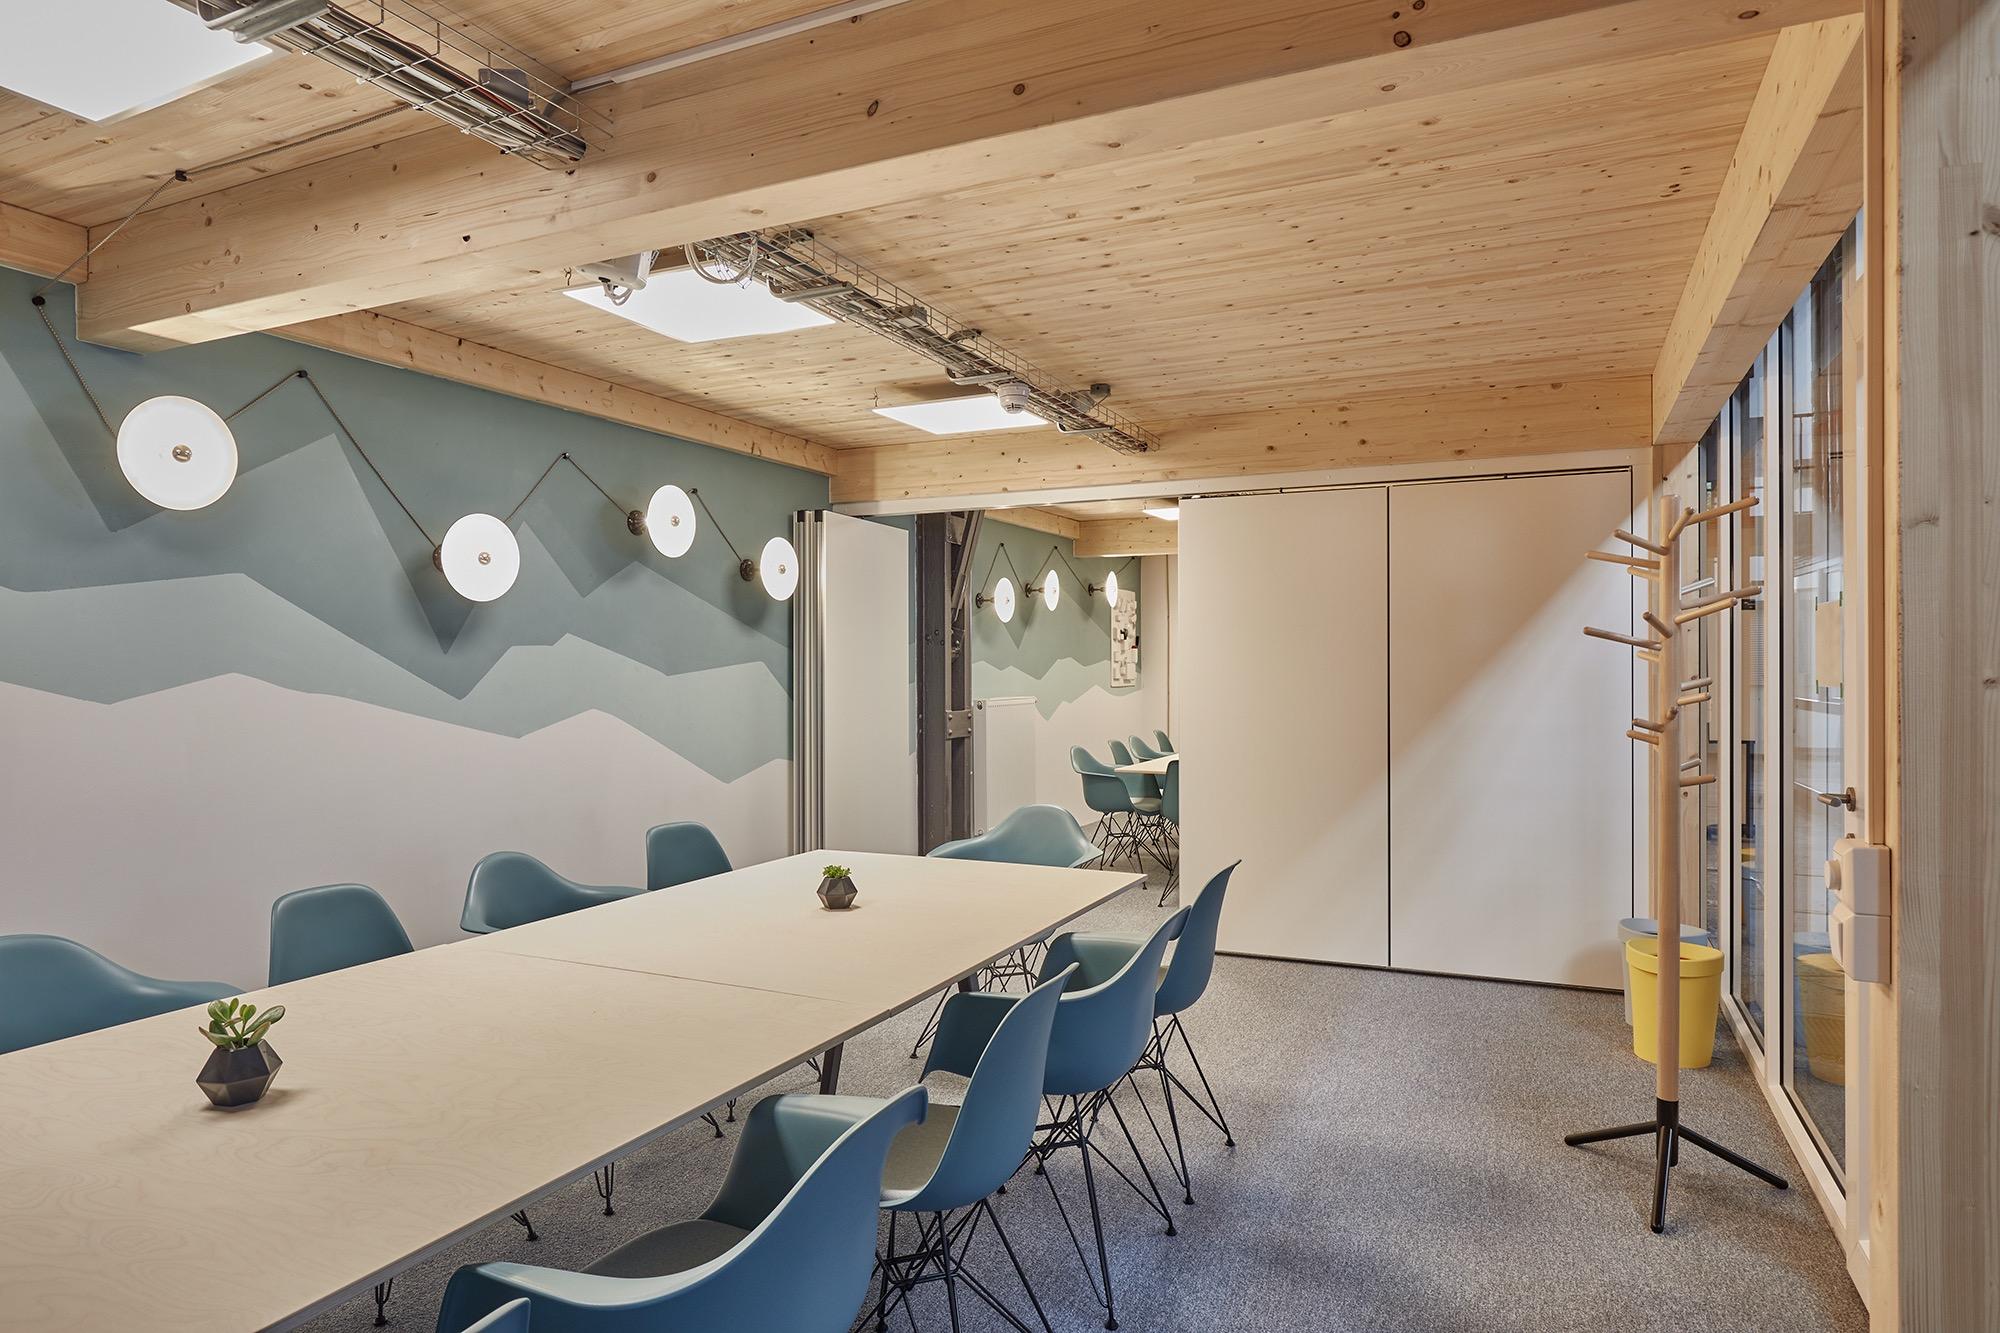 Lokhalle 3 in Grünhof – Inkubator und Heimat für die Nachhaltigkeitszene in Freiburg